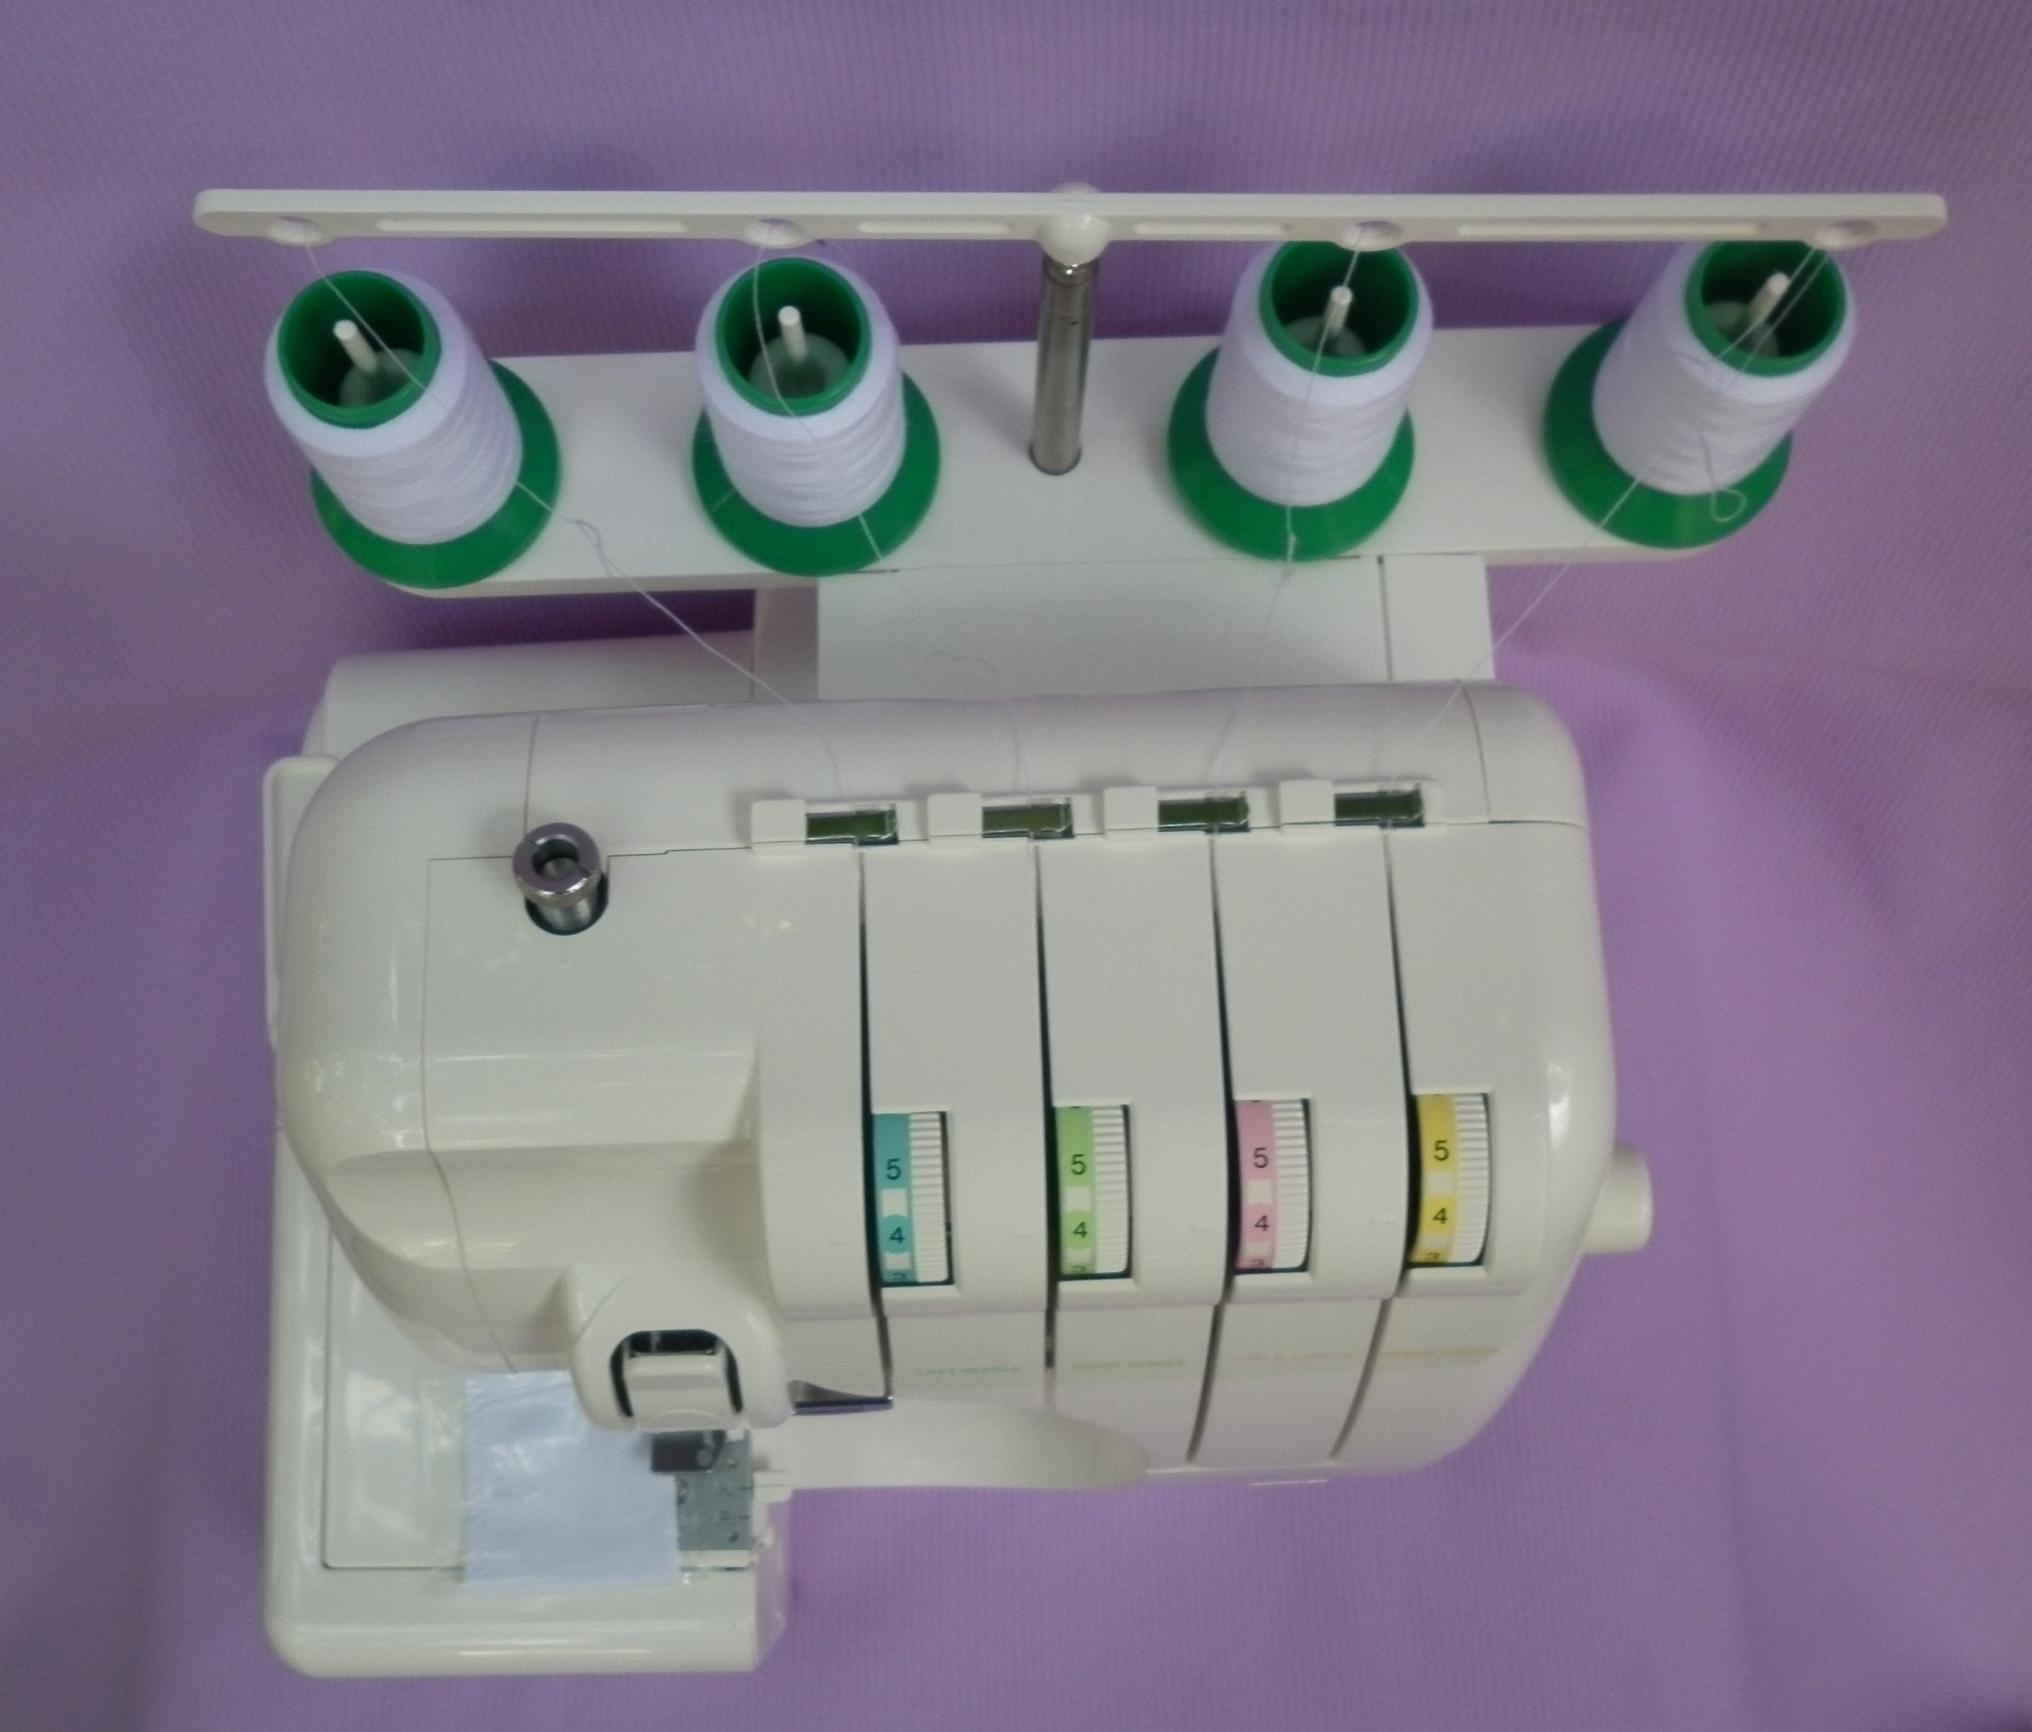 Оверлок ASTRALUX 822 D ( краеобмёточно - стачивающая швейная машина ), блок нитенатяжителей, система против запутывания ниток.